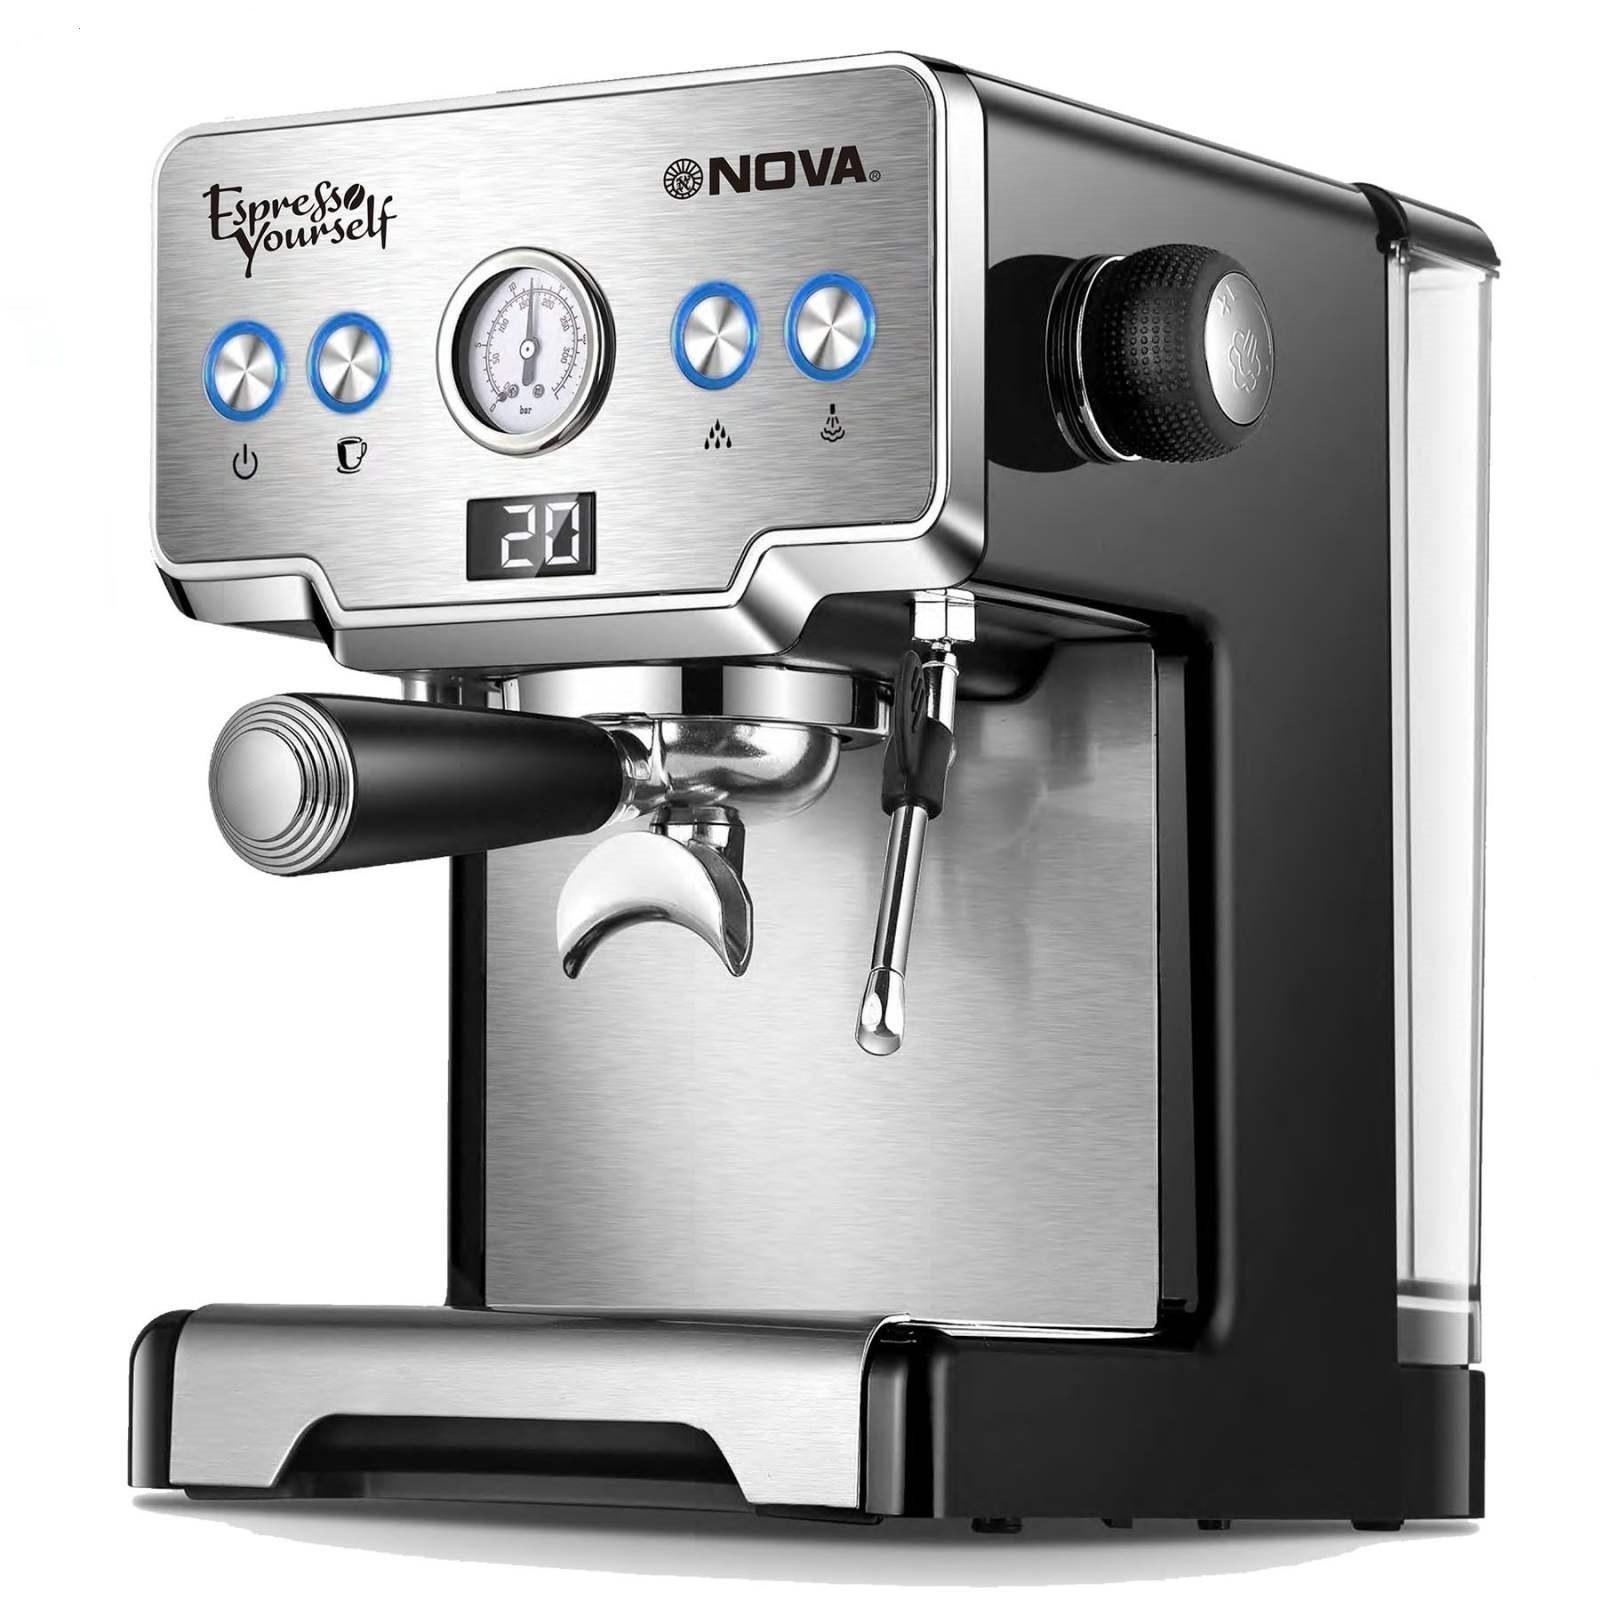 تصویر اسپرسوساز نوا مدل NOVA NCM-128EXPS NOVA NCM-128EXPS Espresso Maker